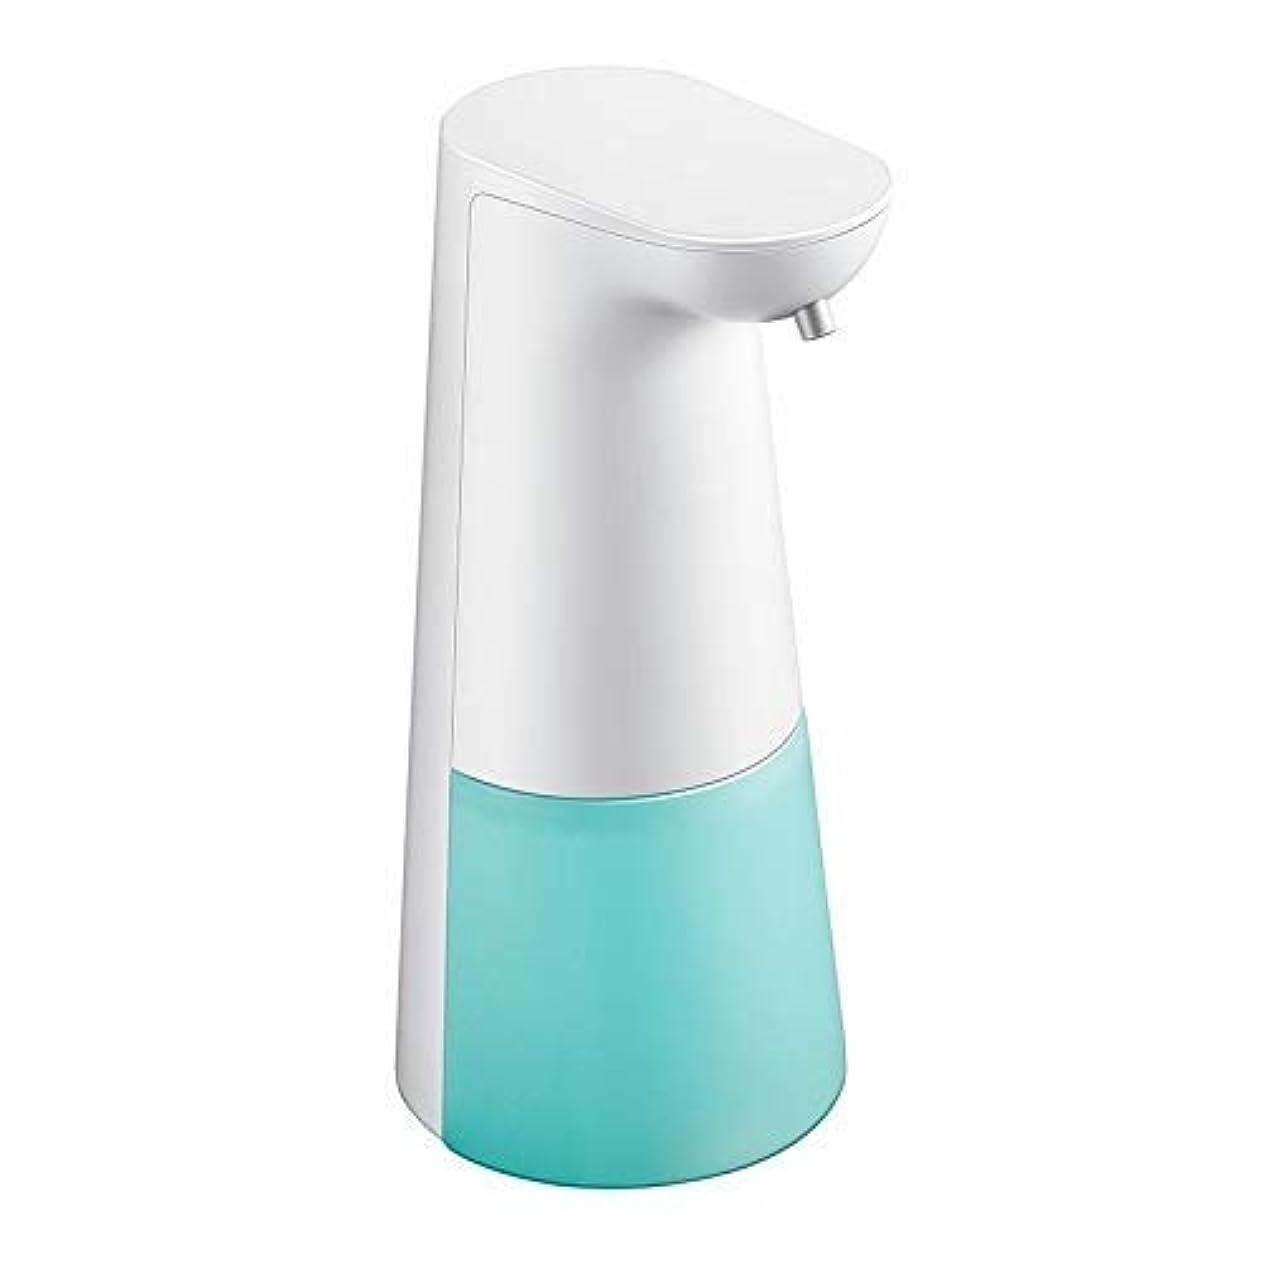 驚いたことに菊不安定な自動誘導の泡の石鹸機械ホテルの泡の石鹸ディスペンサーの自動手の消毒剤